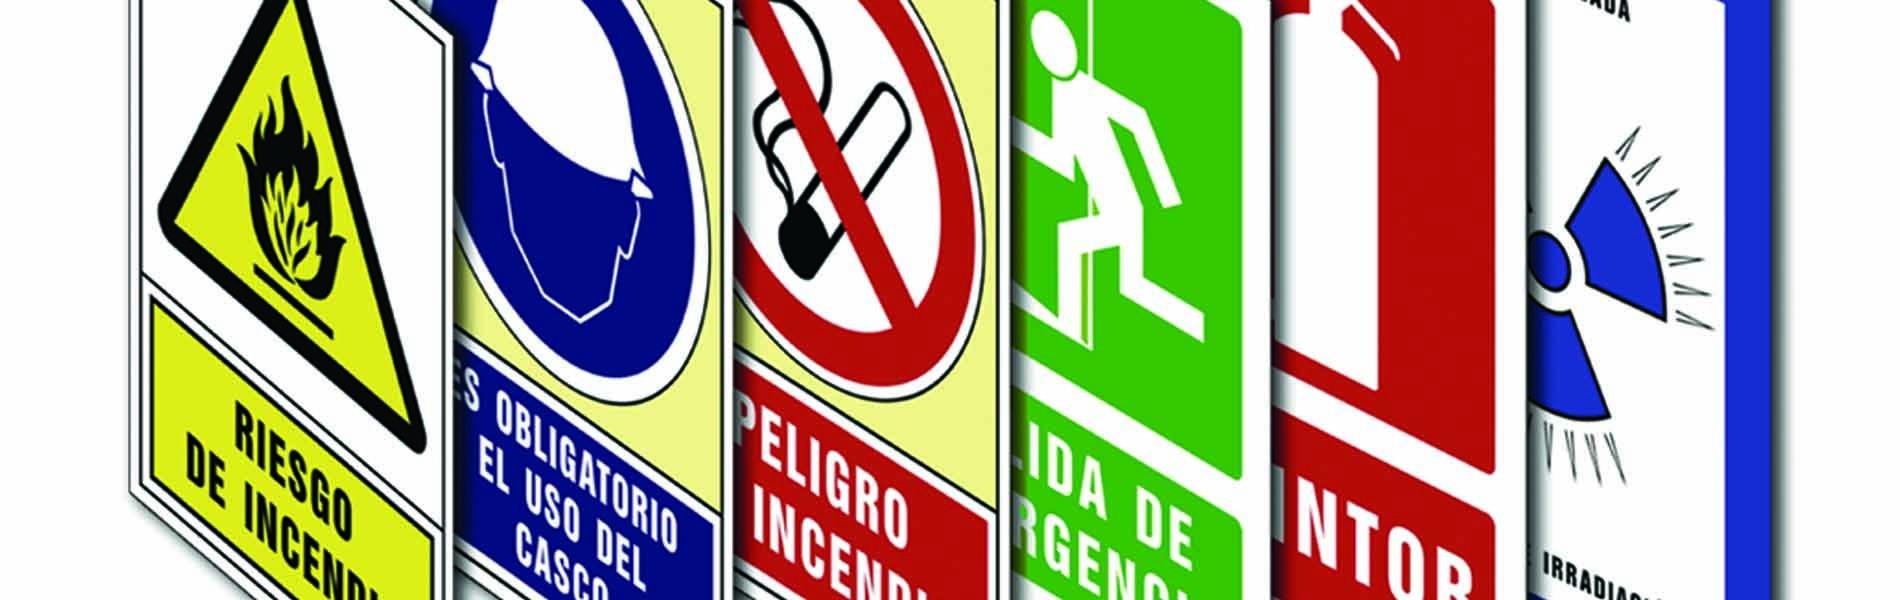 Señalización - SYSSA - Señalización COVID-19 Tienda Online Oficial SYSSA - Fotoluminiscente - Planos evacuación